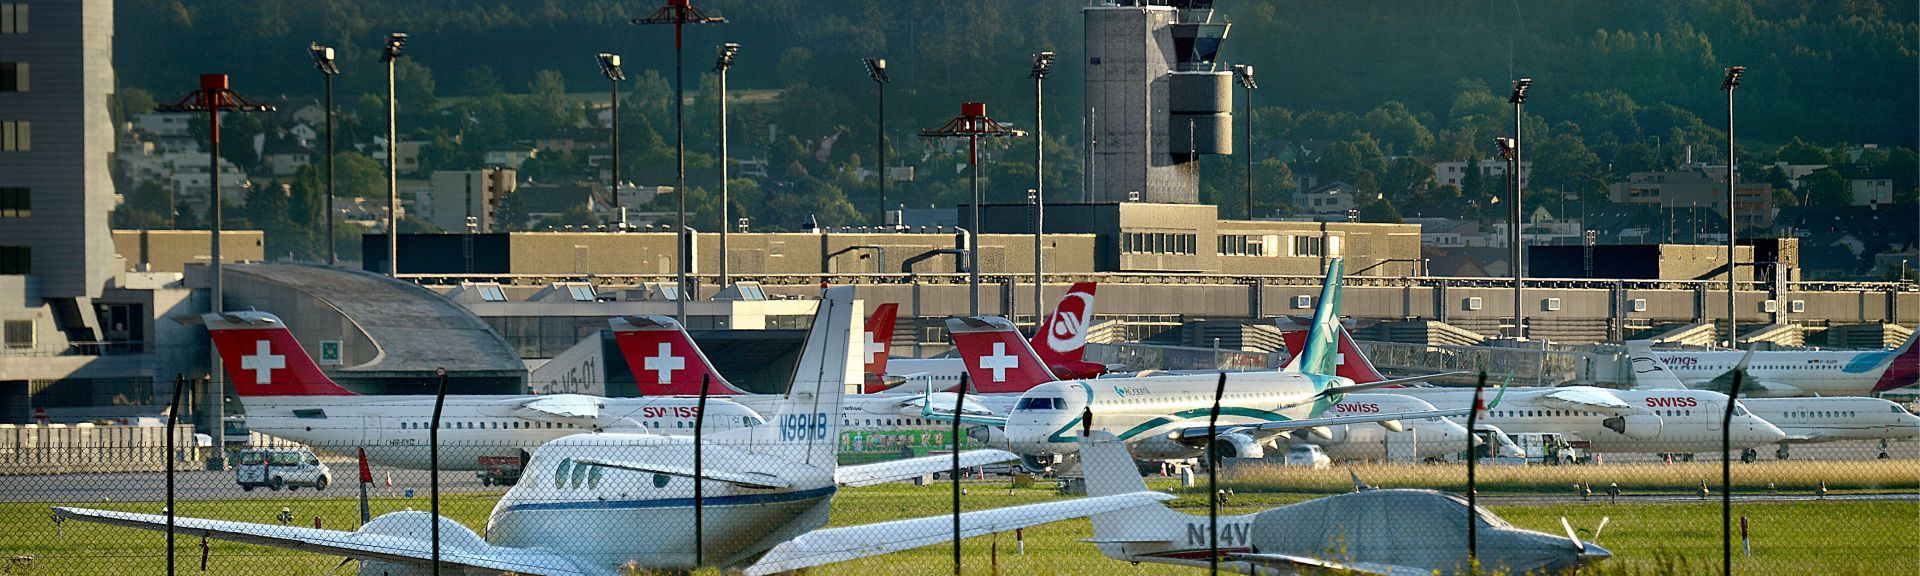 Flughafen_Banner2